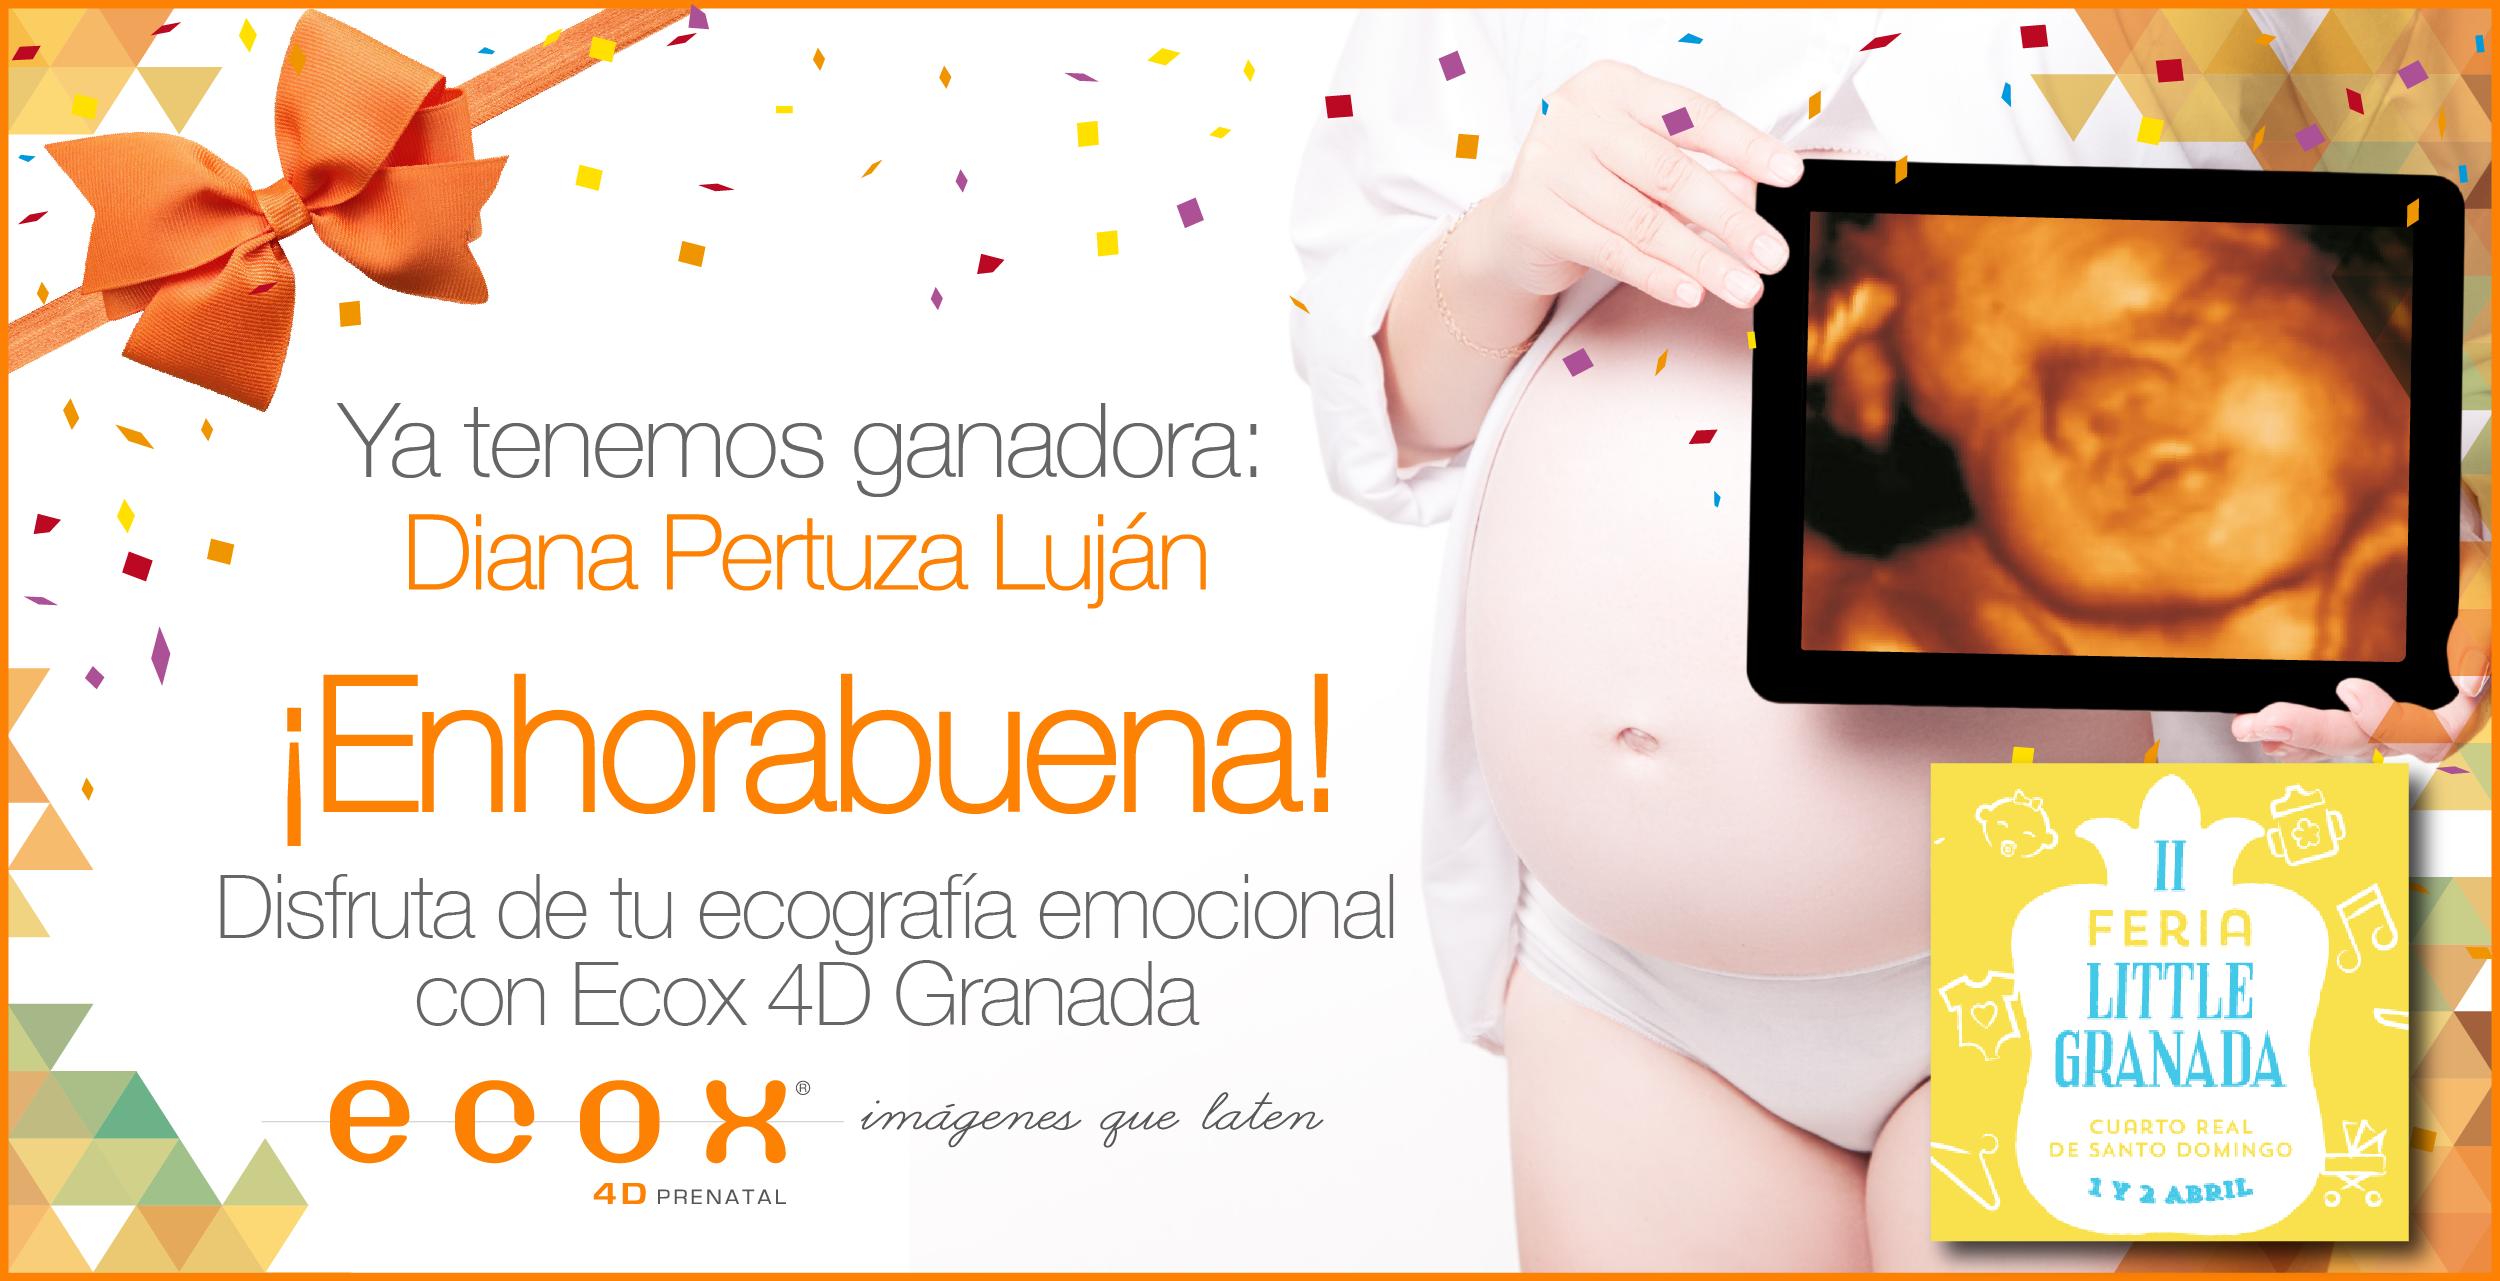 Ecox Granada - Feria LittleGranada Ganadora ganadora